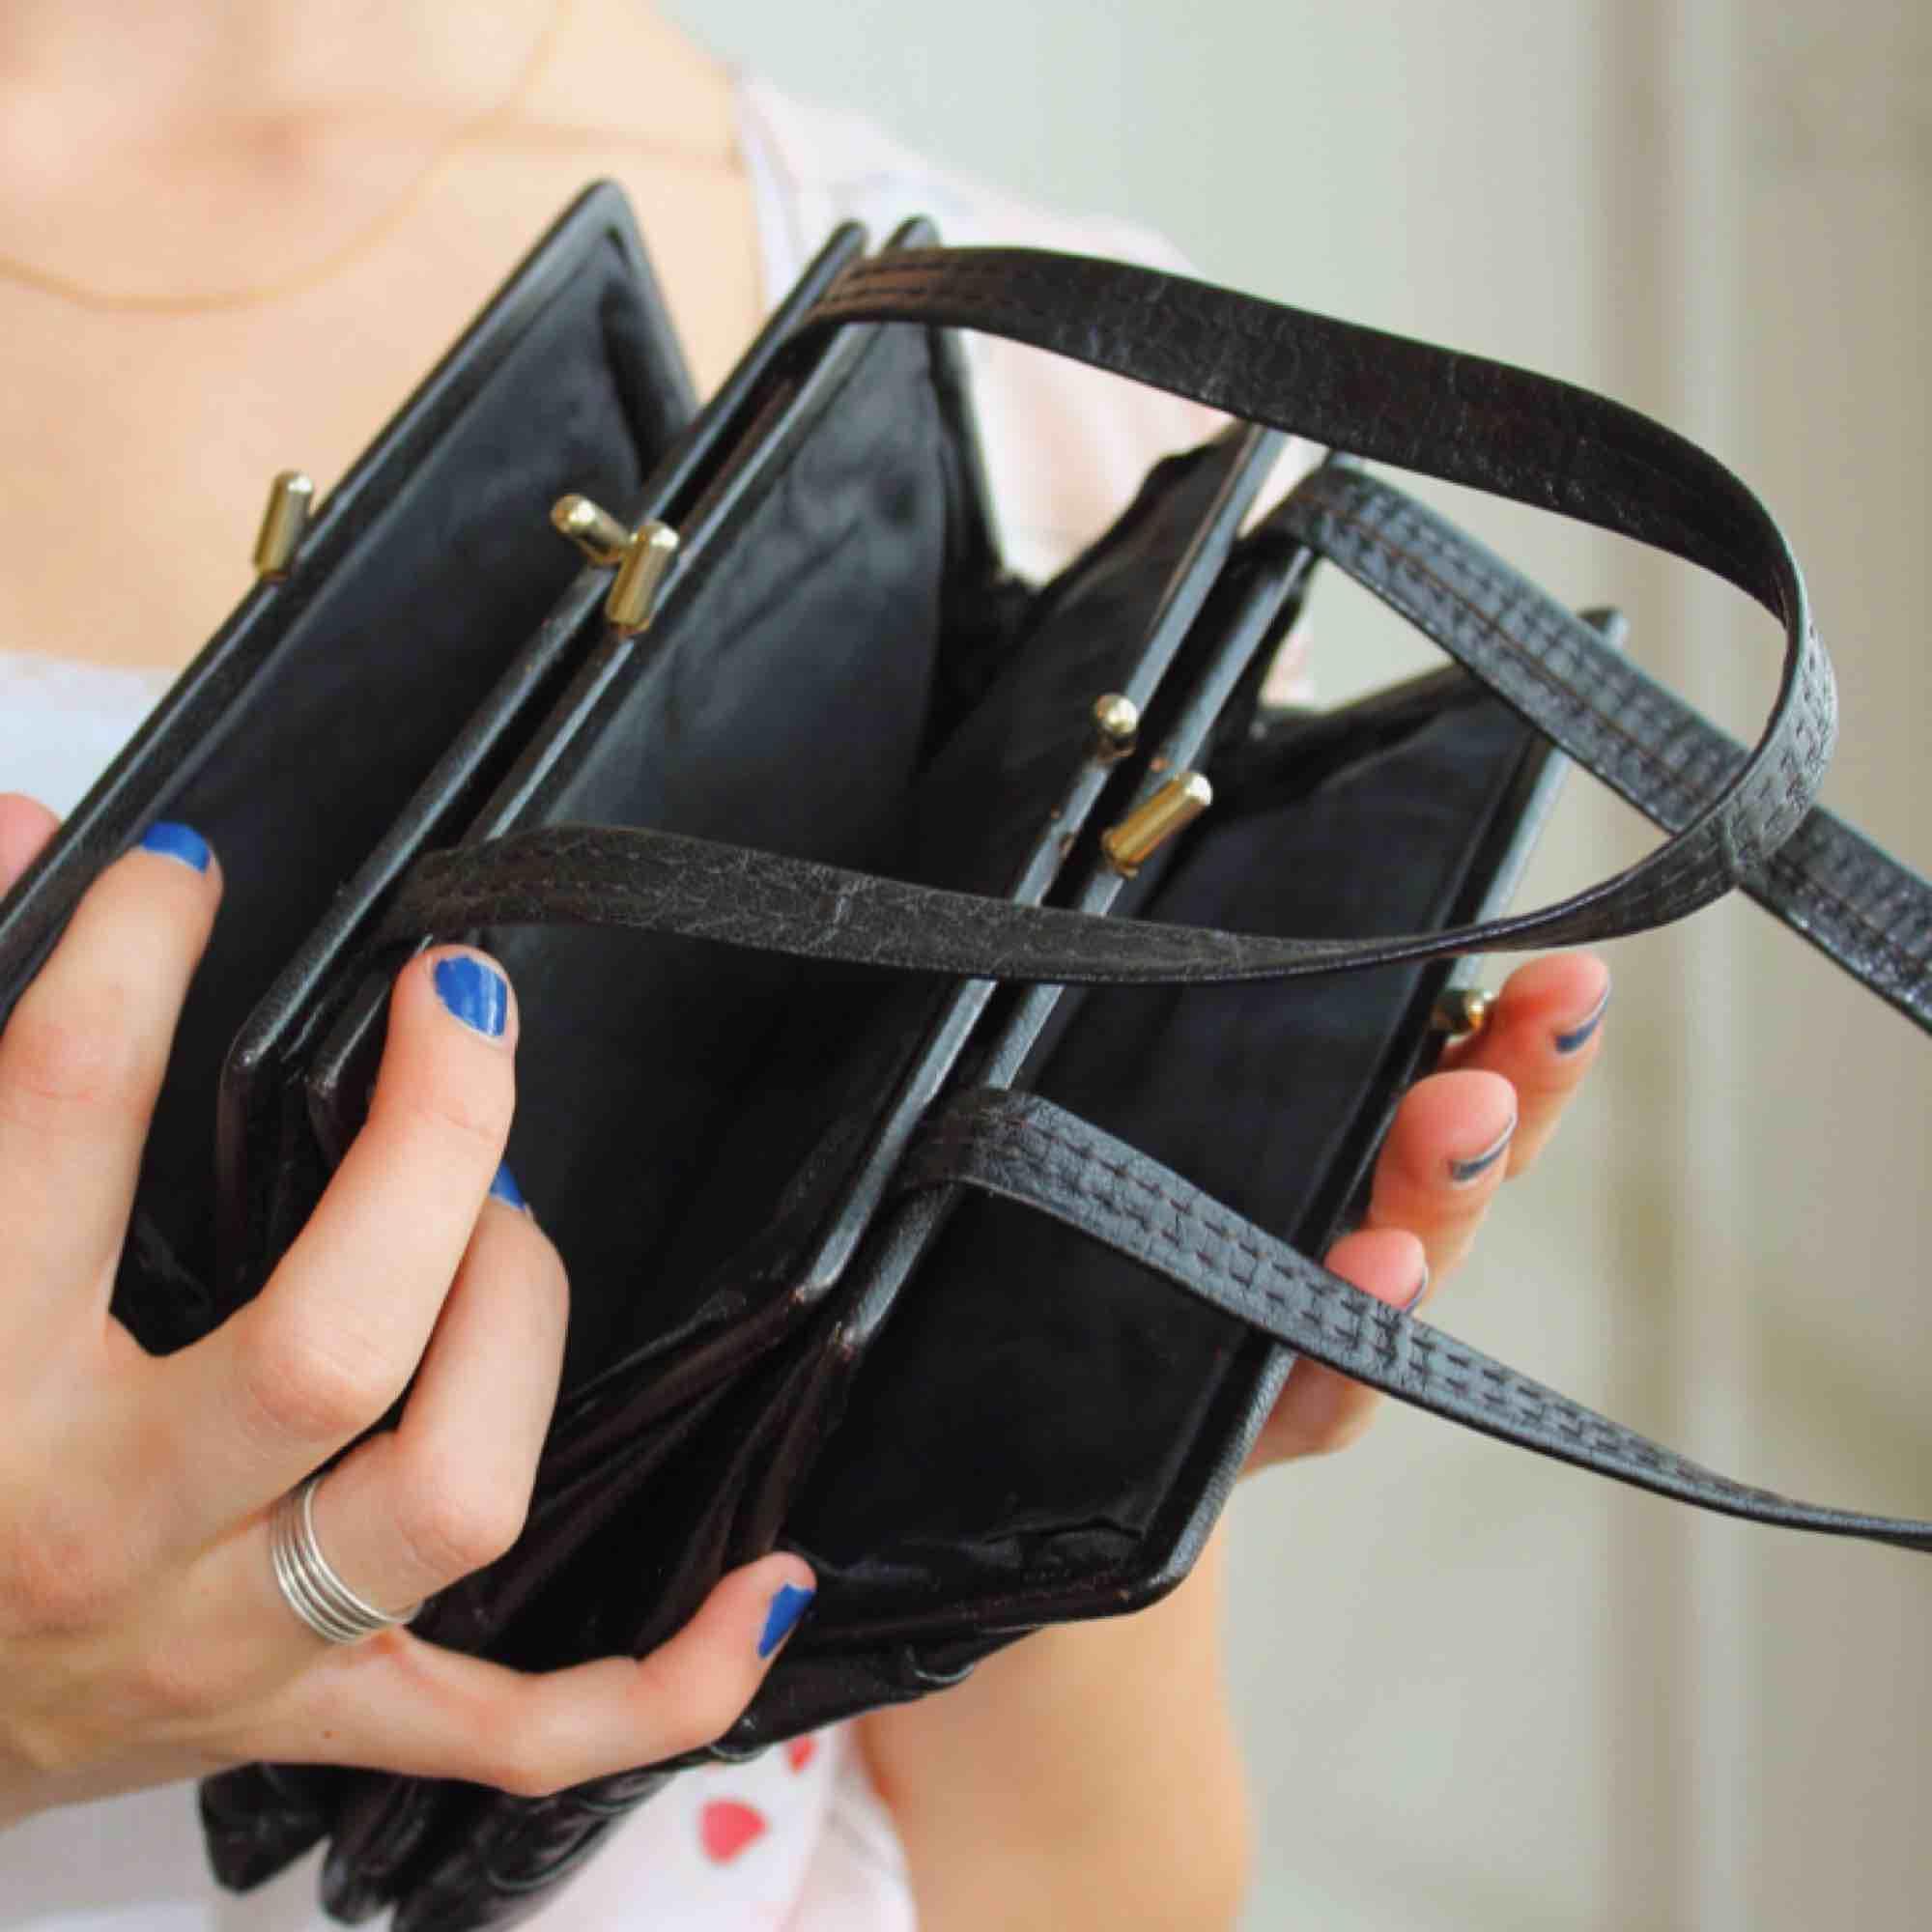 Vintage liten läderväska söker nytt hem! 15 cm lång 12 cm djup 5 cm bred. Frakt på 36 kr tillkommer ifall du inte kan mötas upp i Stockholm/Norrort. Betalning via Swish! Skriv med eventuella frågor🐜🐜. Accessoarer.